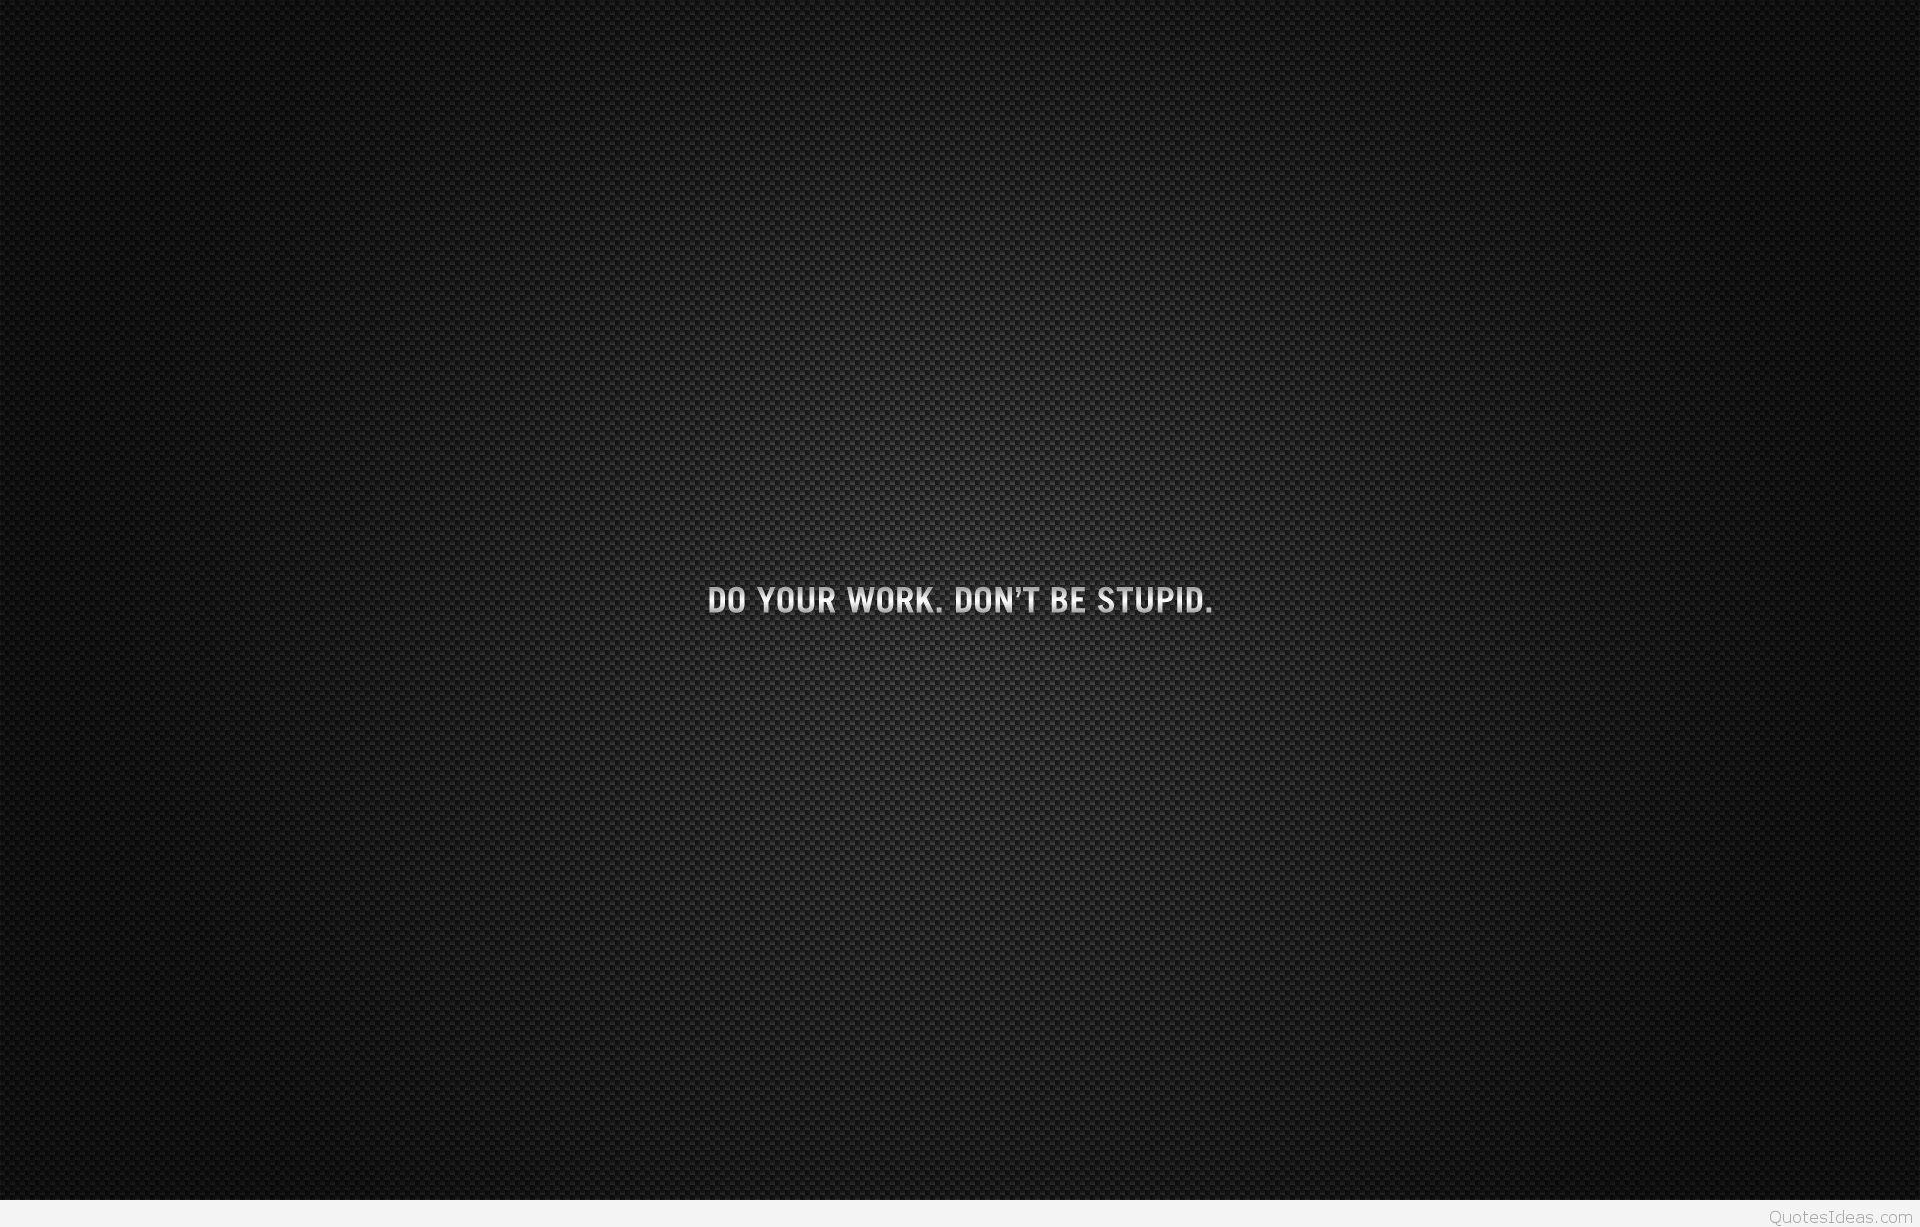 Work Quotes Desktop Wallpapers   Top Work Quotes Desktop 1920x1227